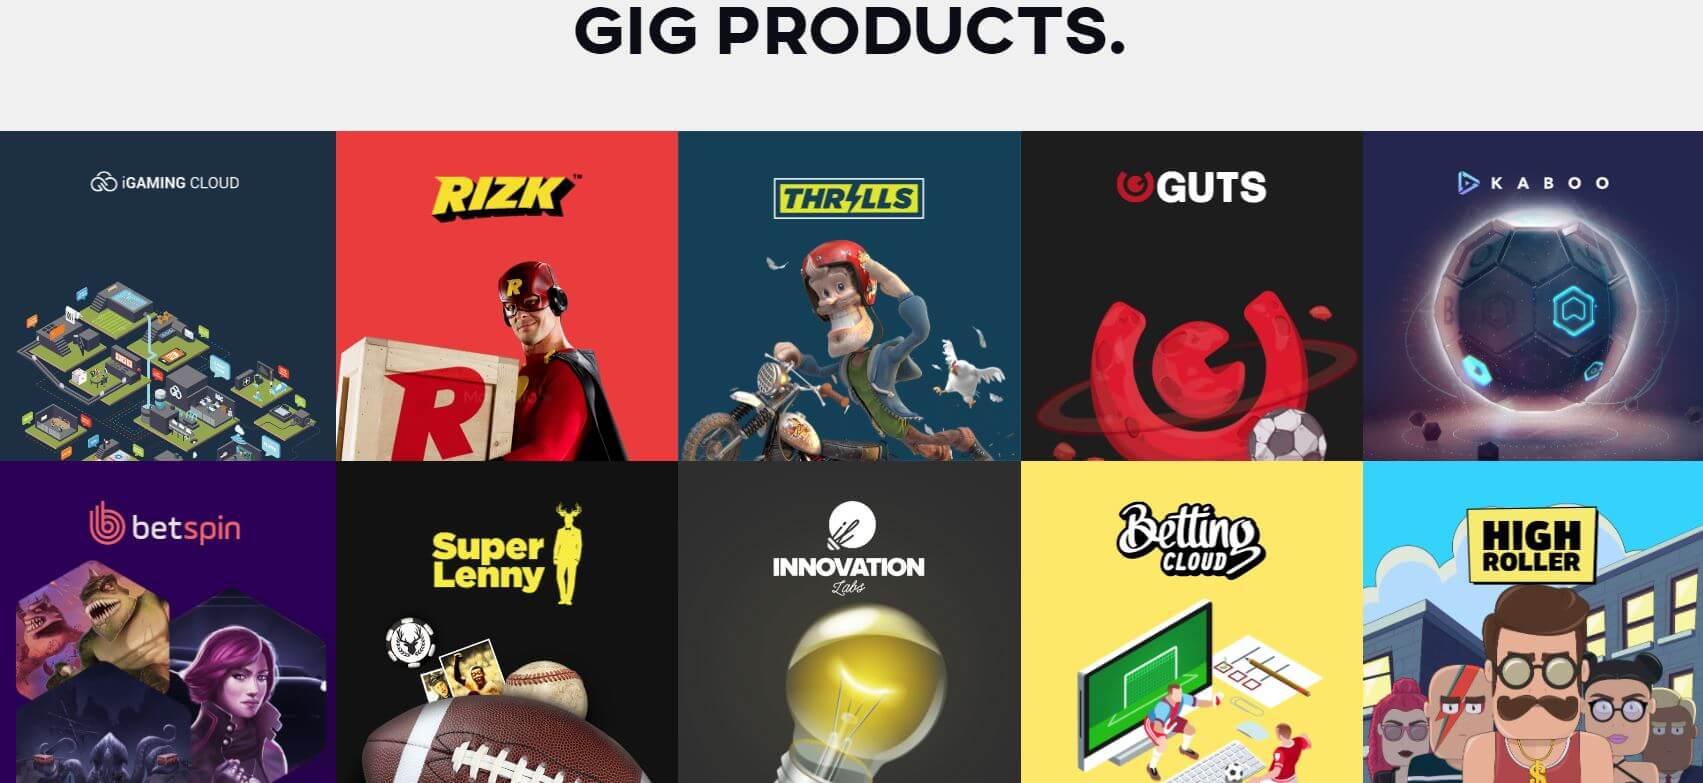 GiG Games casino's